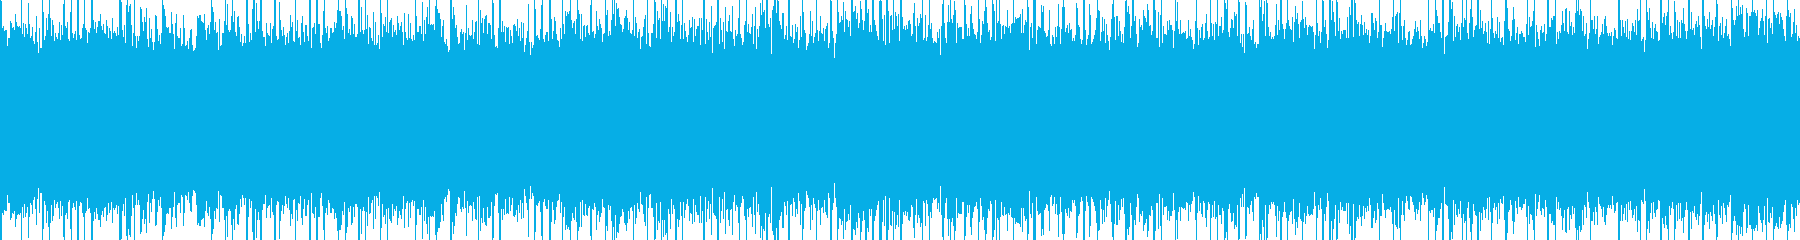 空気感のあるUKロックループの再生済みの波形